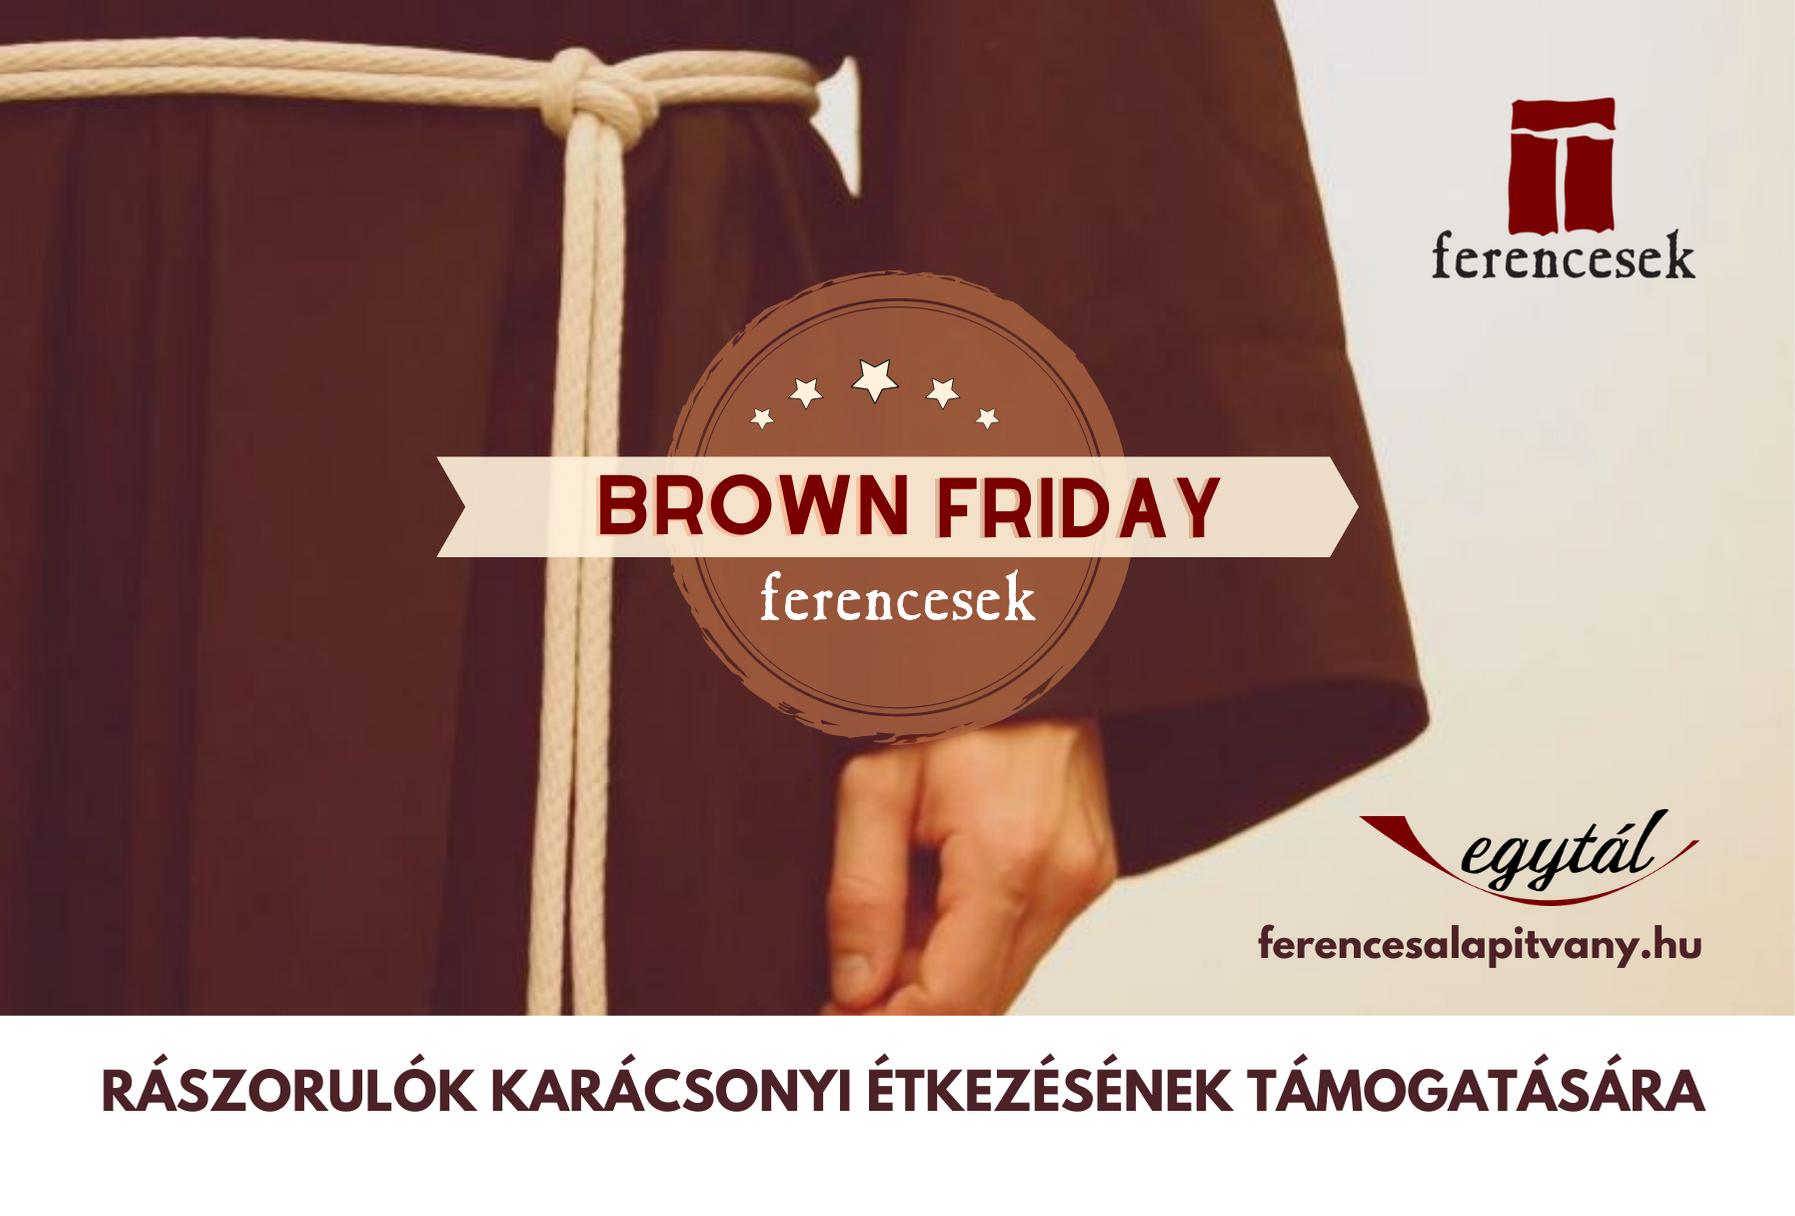 Nőgyógyászati Központ, 1015 Budapest, Ostrom utca 16. - Karácsonyig minden péntek Brown Friday! - $rowNews.subtitle